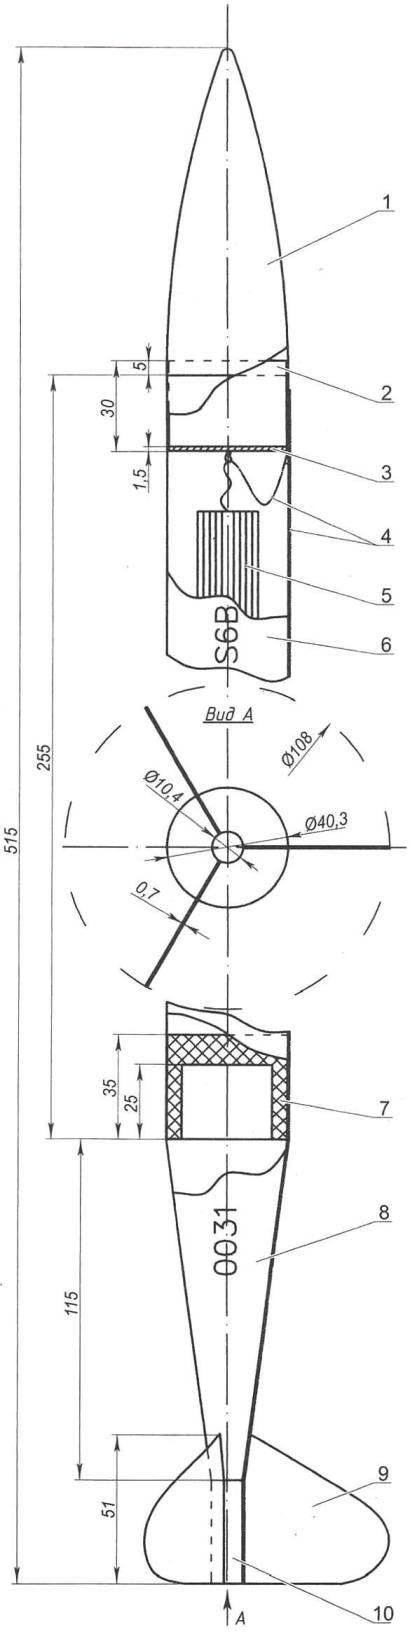 Рис. 2. Модель ракеты класса S6В чемпиона России 2003 г. С. Романюка (г. Урай)